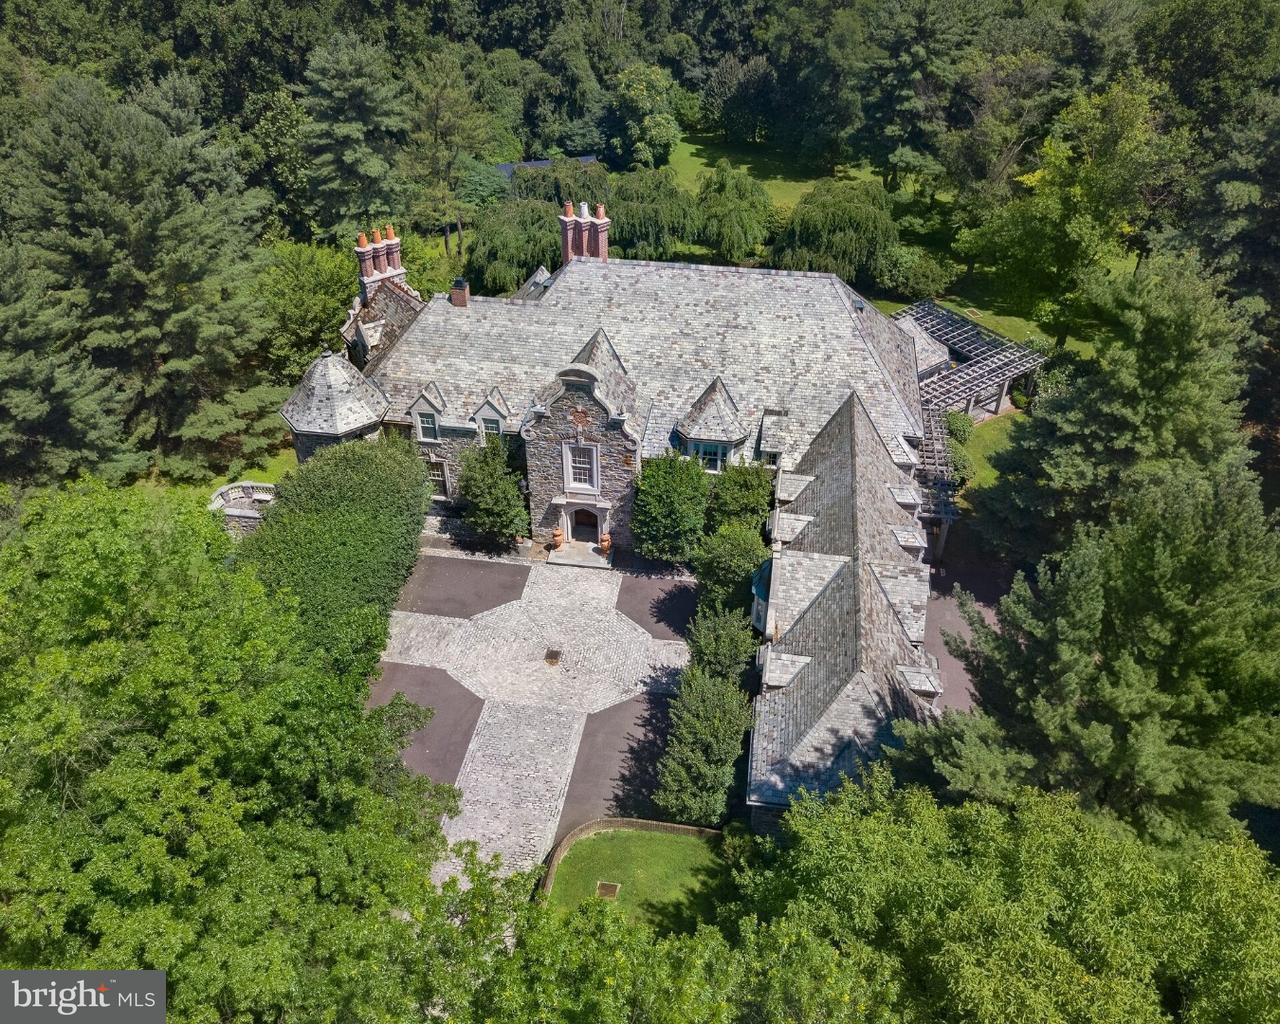 独户住宅 为 销售 在 1530 MONK Road 德维恩, 宾夕法尼亚州 19035 美国